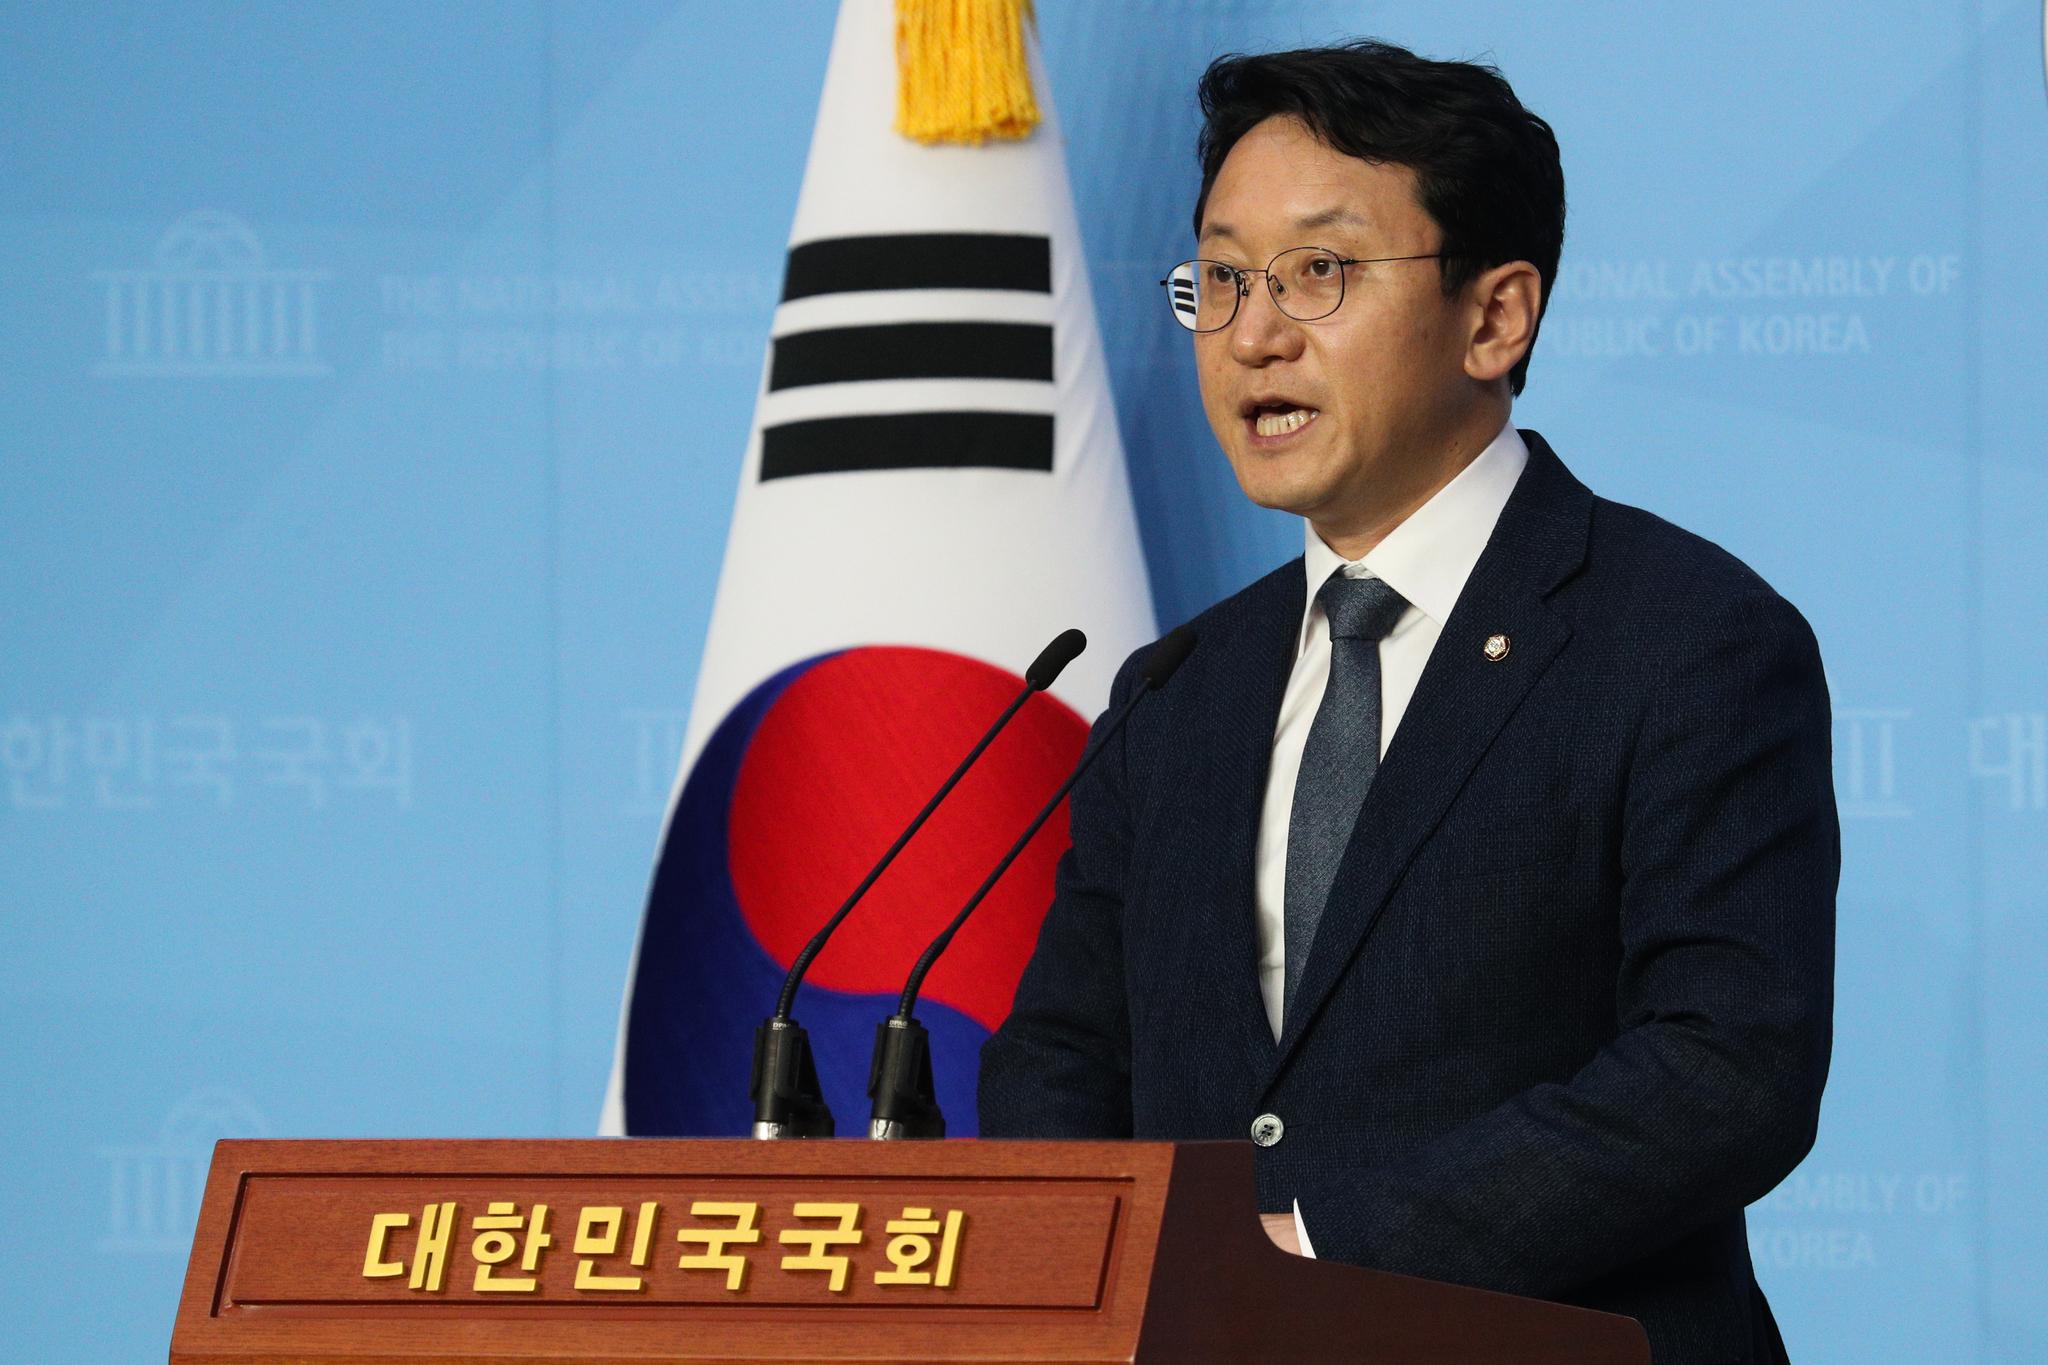 천준호 더불어민주당 의원. 뉴스1